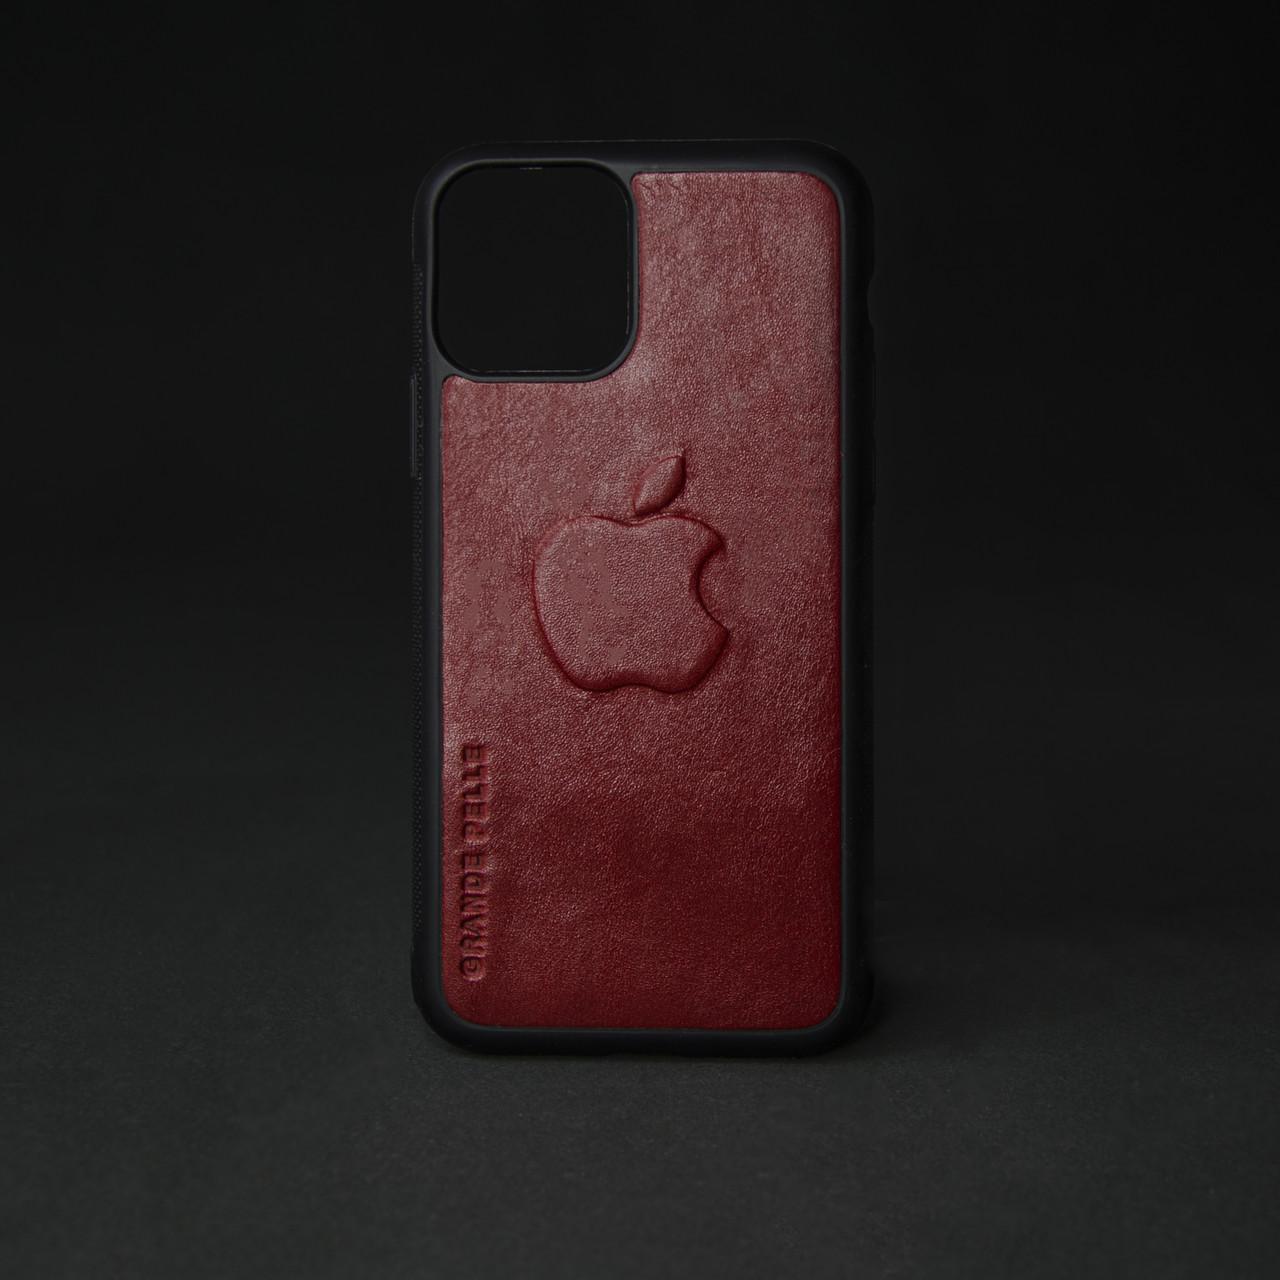 Кейс для IPhone, червоний глянець, з металевою вставкою для автотримача